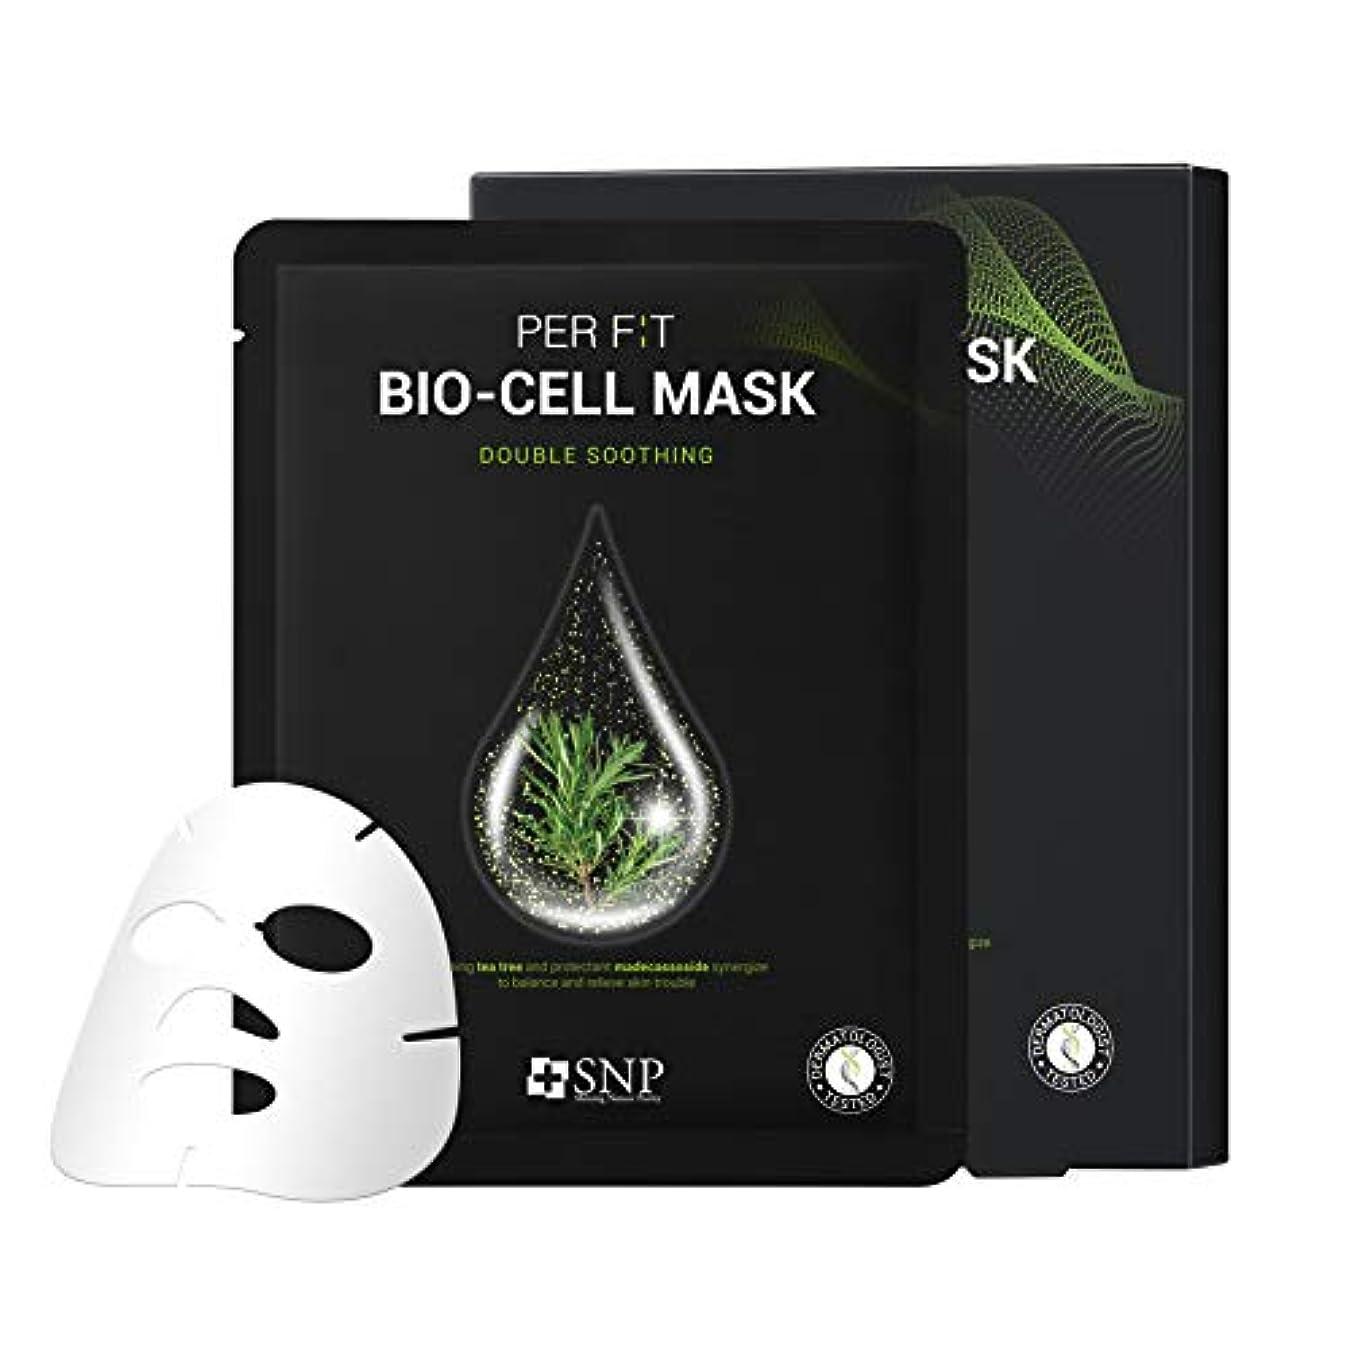 抽選マッサージすずめ【SNP公式】 パーフィット バイオセルマスク ダブルスージング 5枚セット / PER F:T BIO-CELL MASK DOUBLE SOOTHING 韓国パック 韓国コスメ パック マスクパック シートマスク